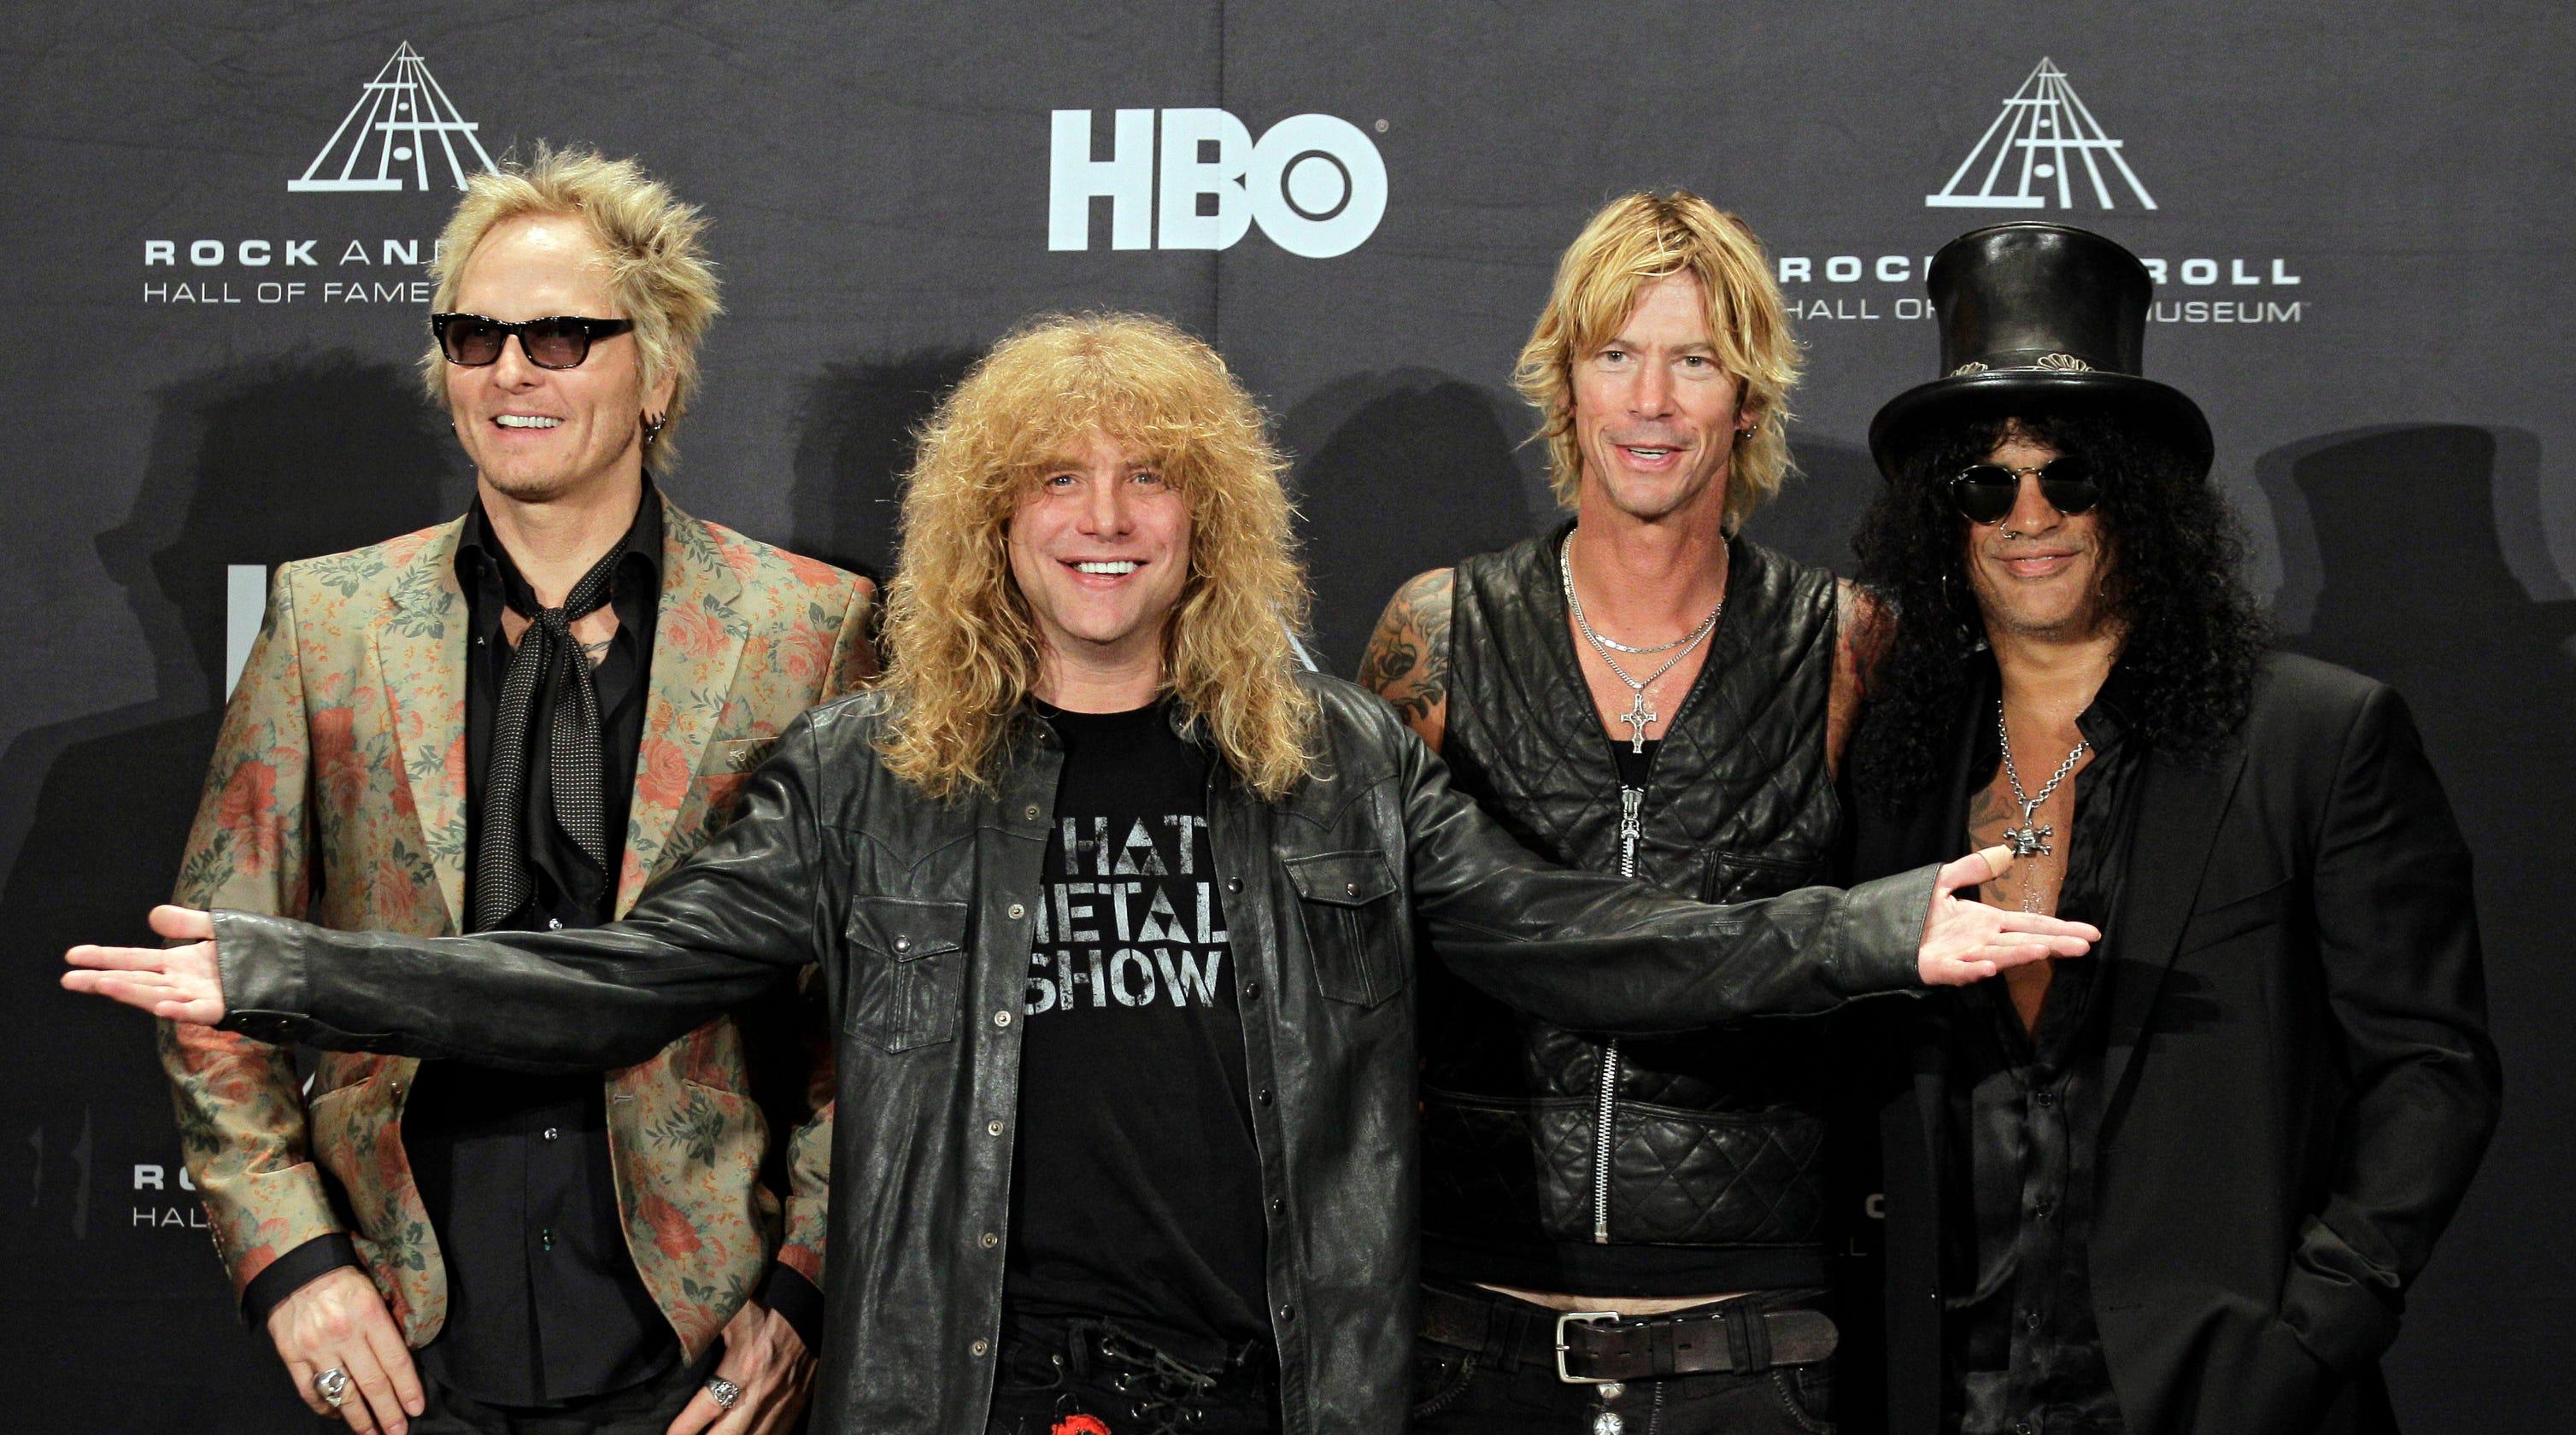 Guns N' Roses' Steven Adler hospitalized with injuries